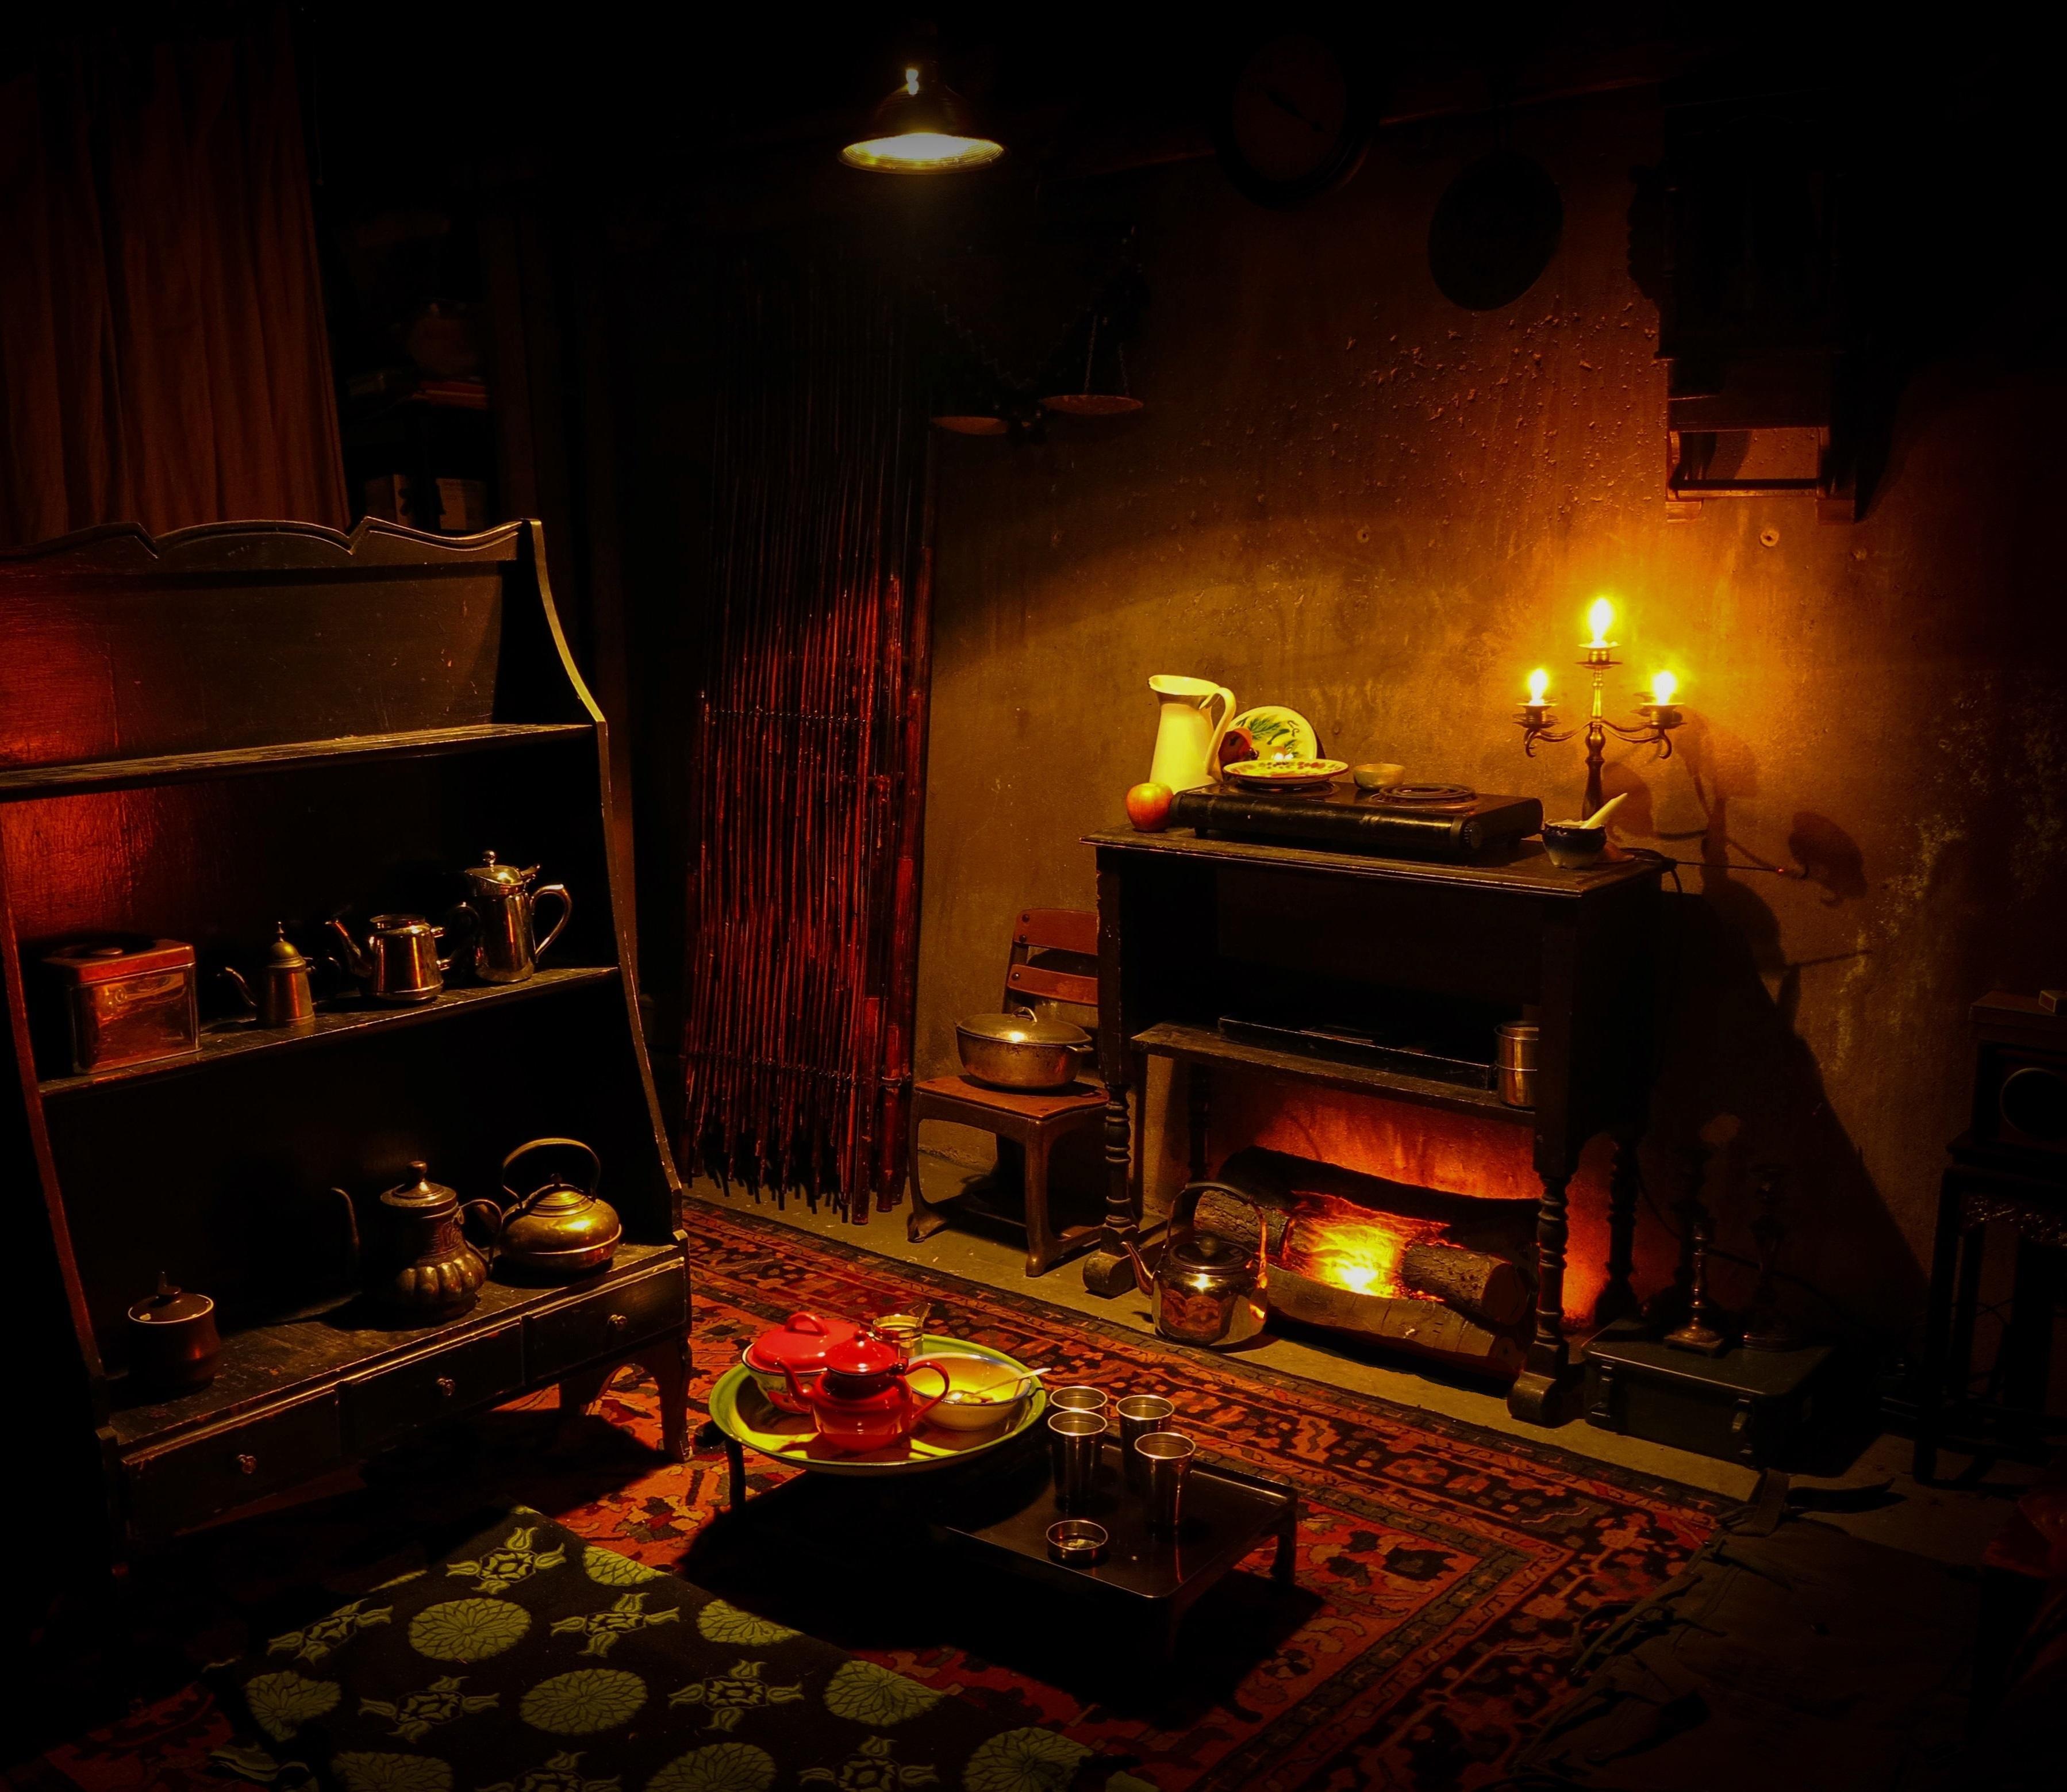 обои комната, камин, свечи, посуда картинки фото